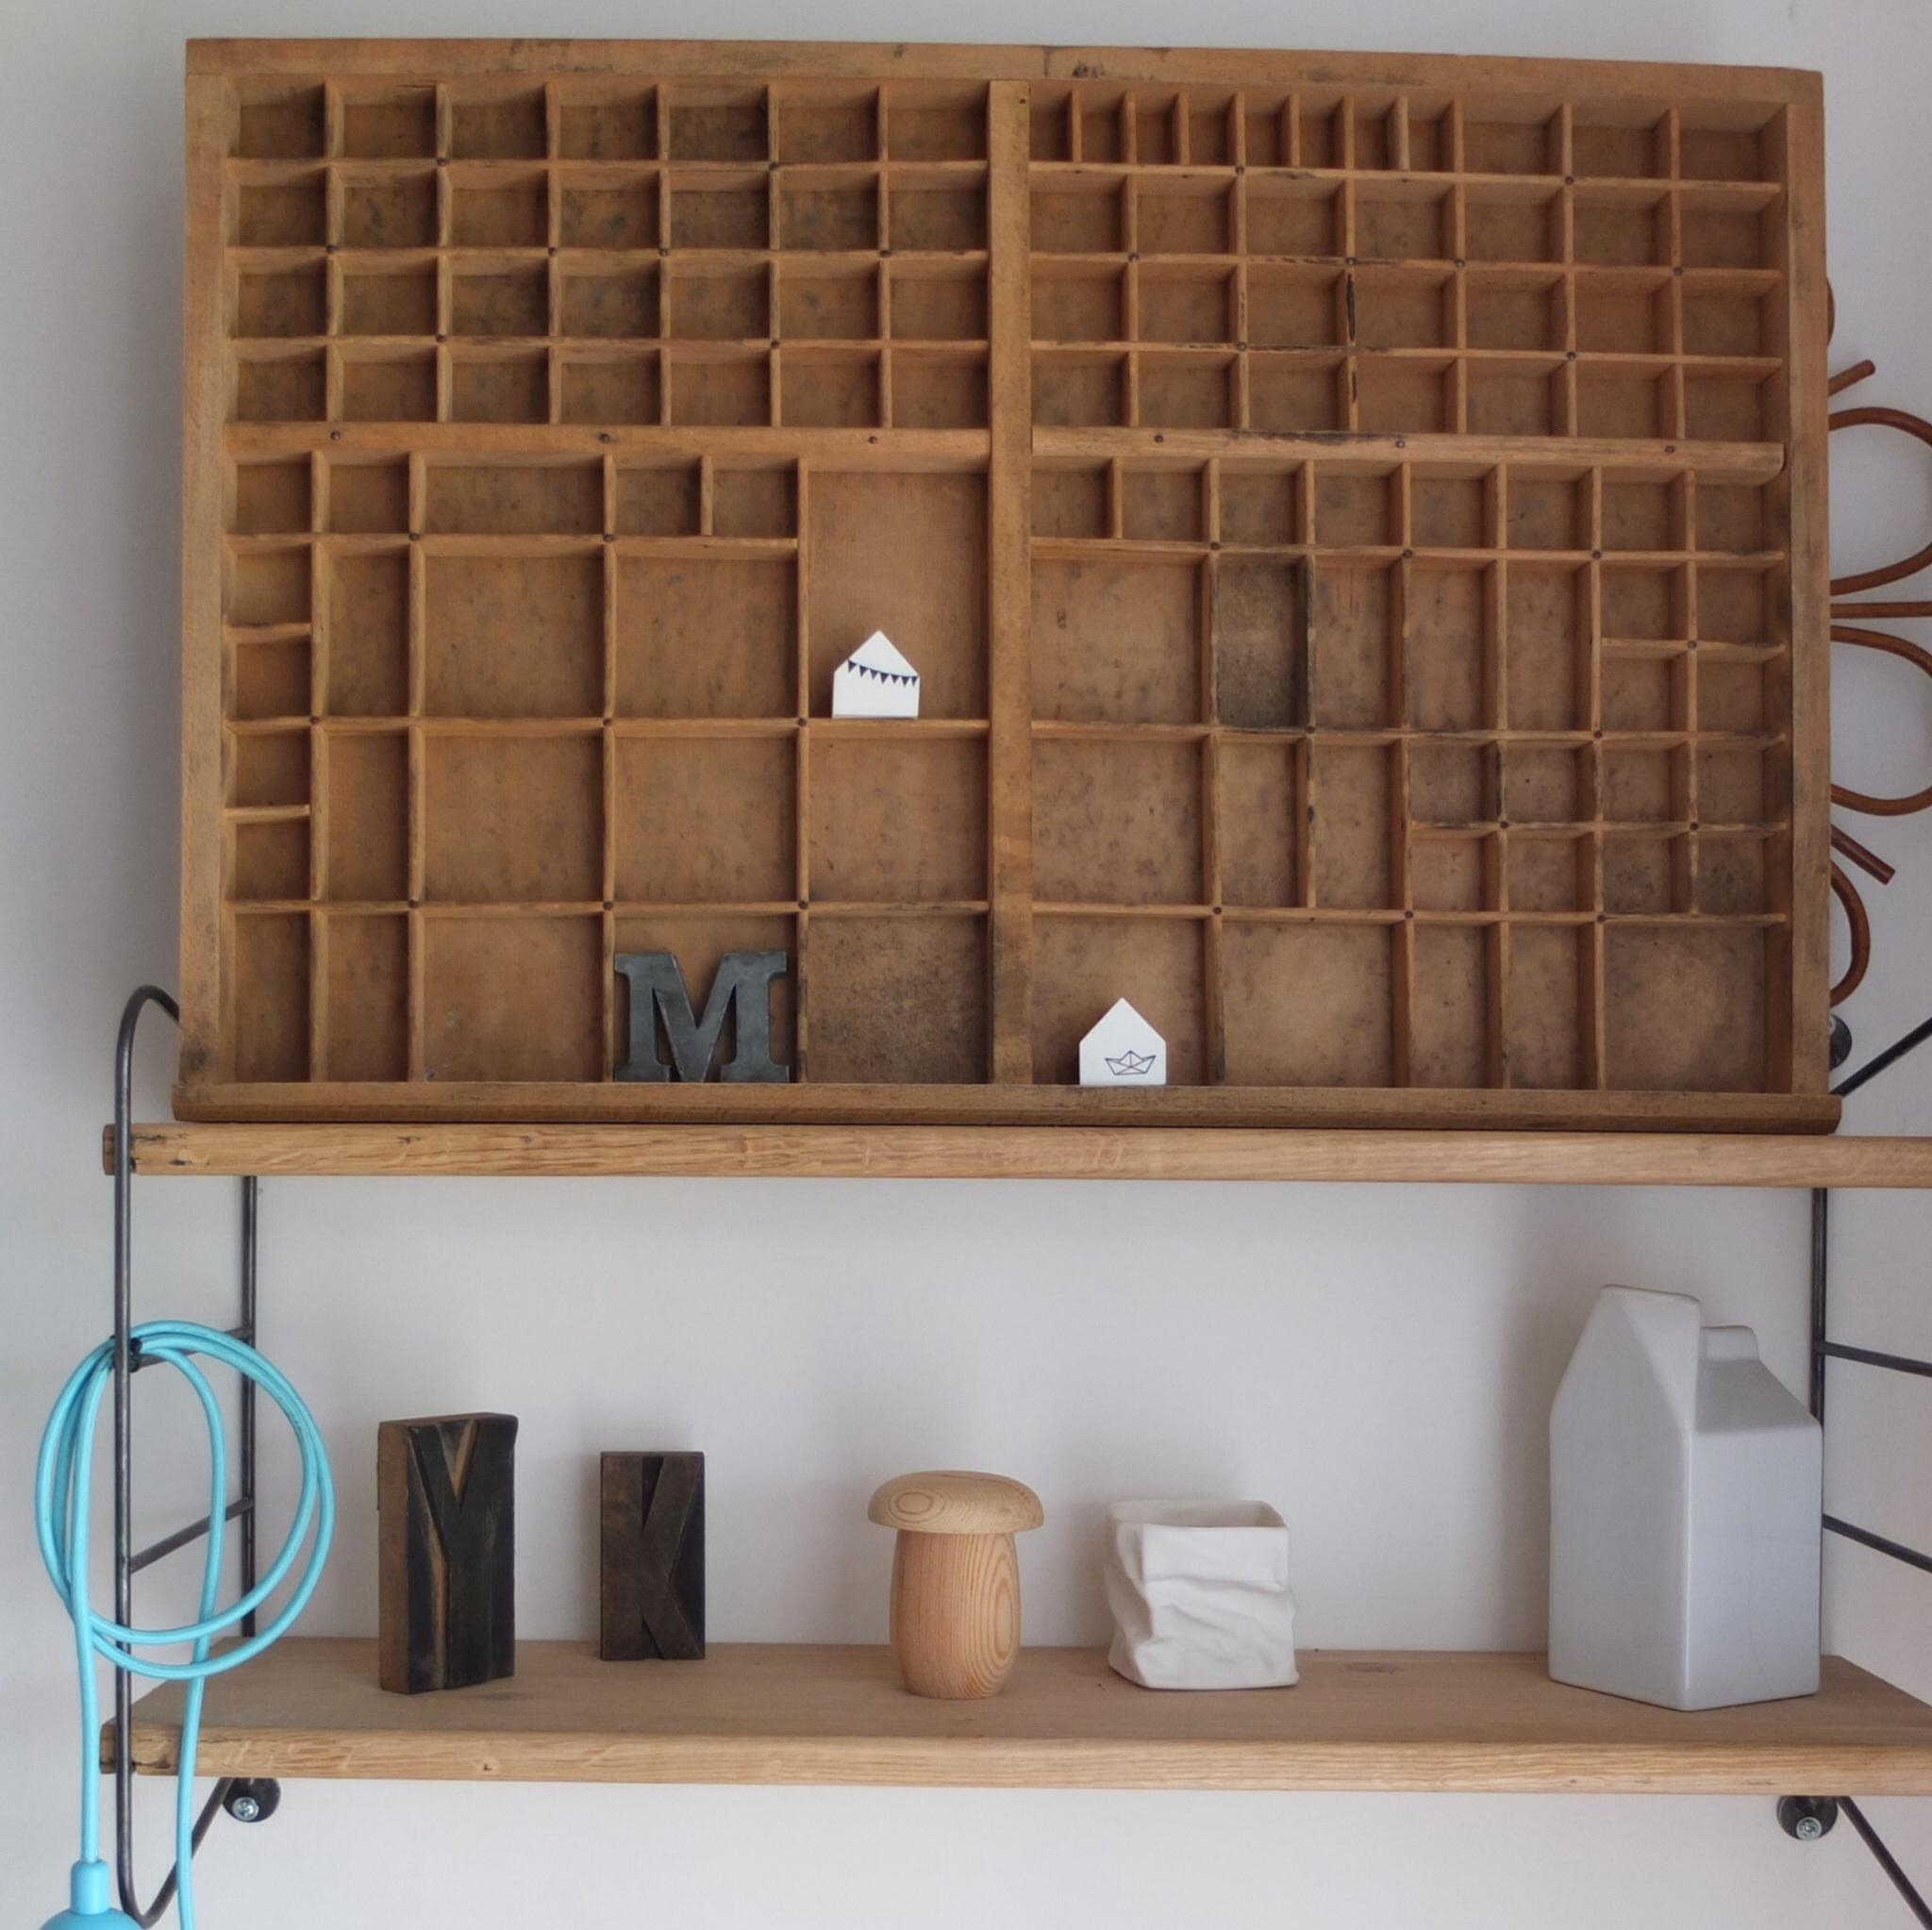 casier d 39 imprimerie vintage magic. Black Bedroom Furniture Sets. Home Design Ideas